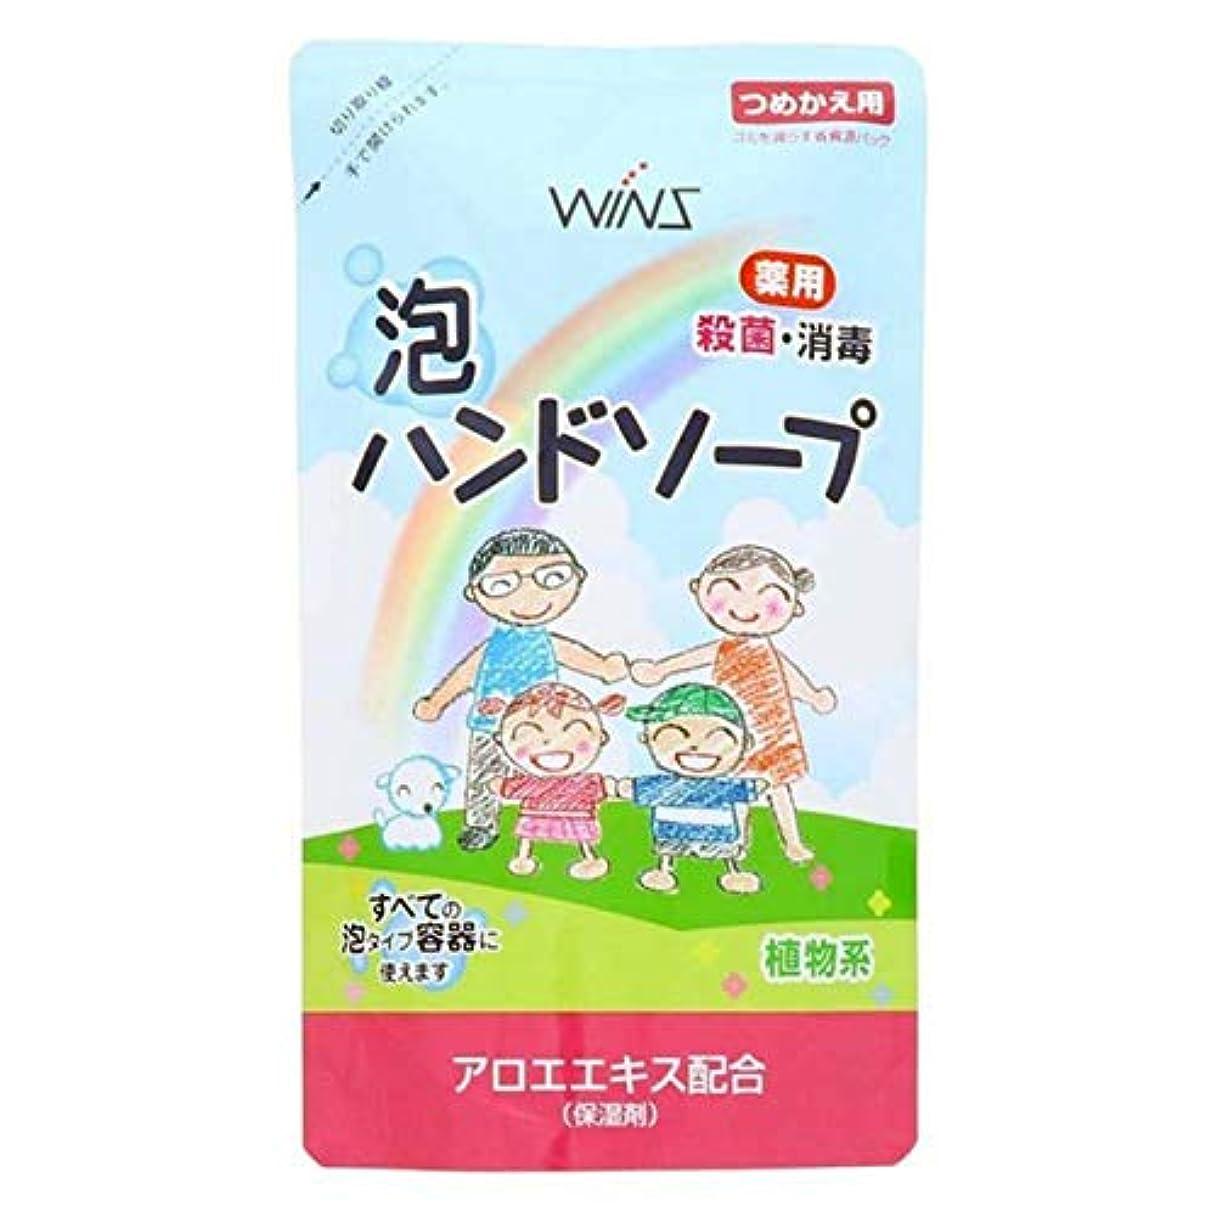 鍔より多いイブニングウインズ 薬用泡ハンドソープ 詰替 200mL 日本合成洗剤